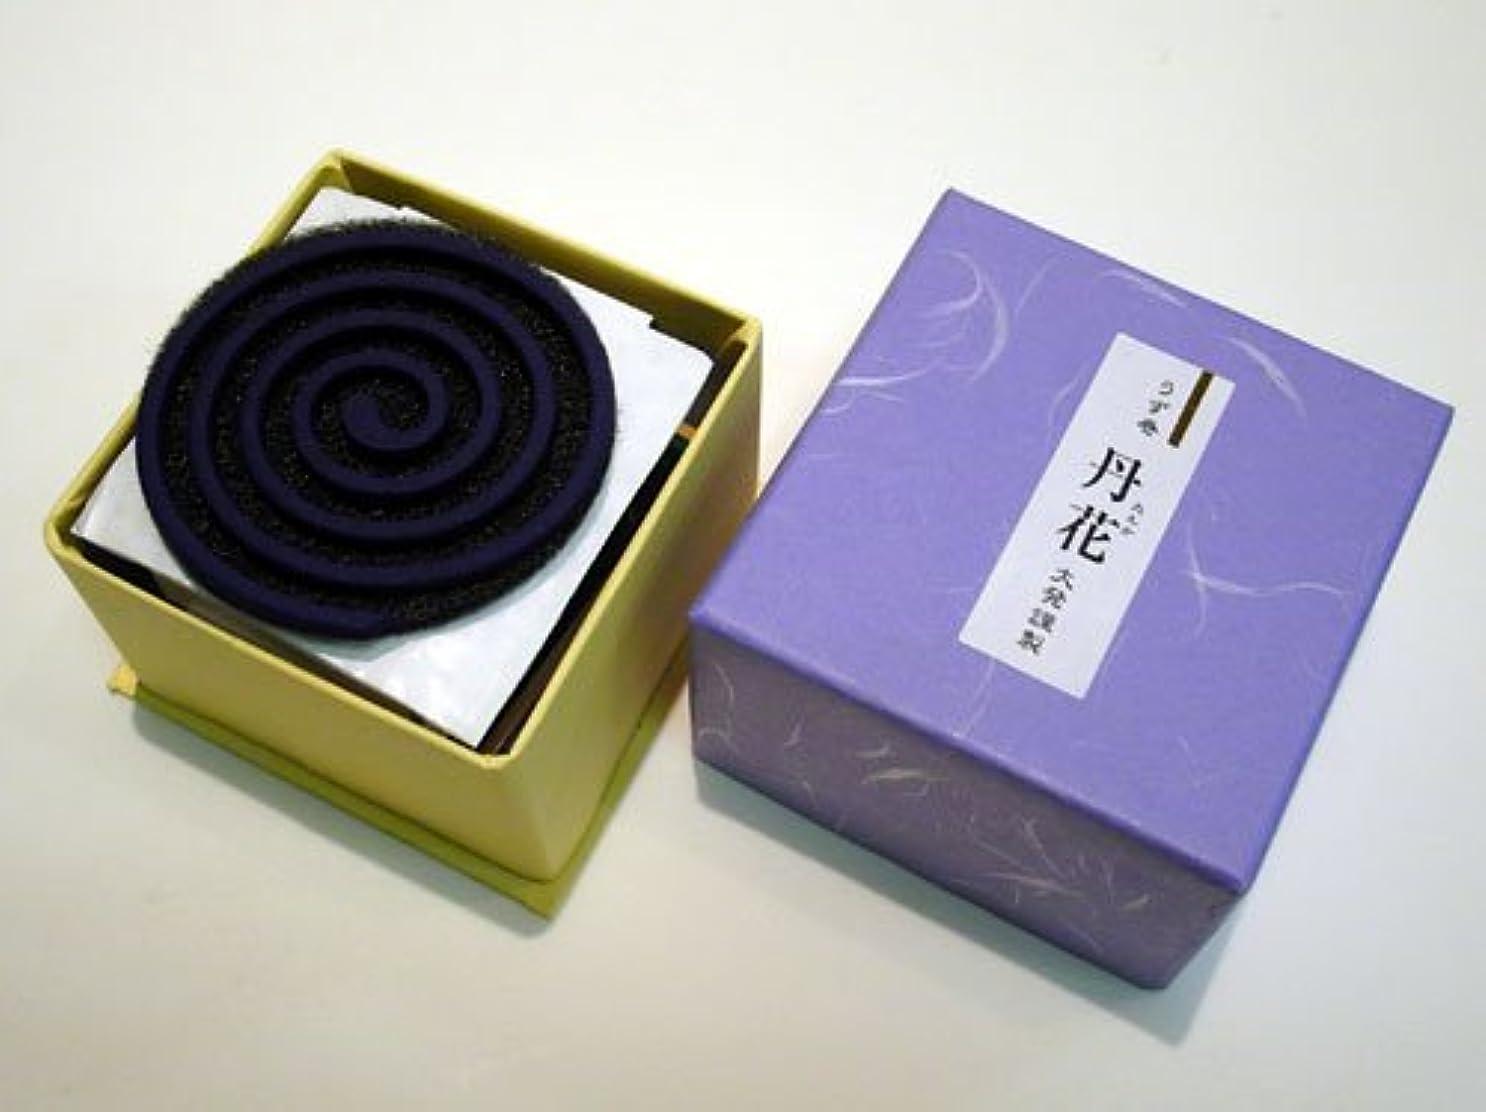 ドナウ川束ねる救い甘酸っぱいエキゾチックな香り 「うず巻丹花(たんか)紫」 大発【お香】